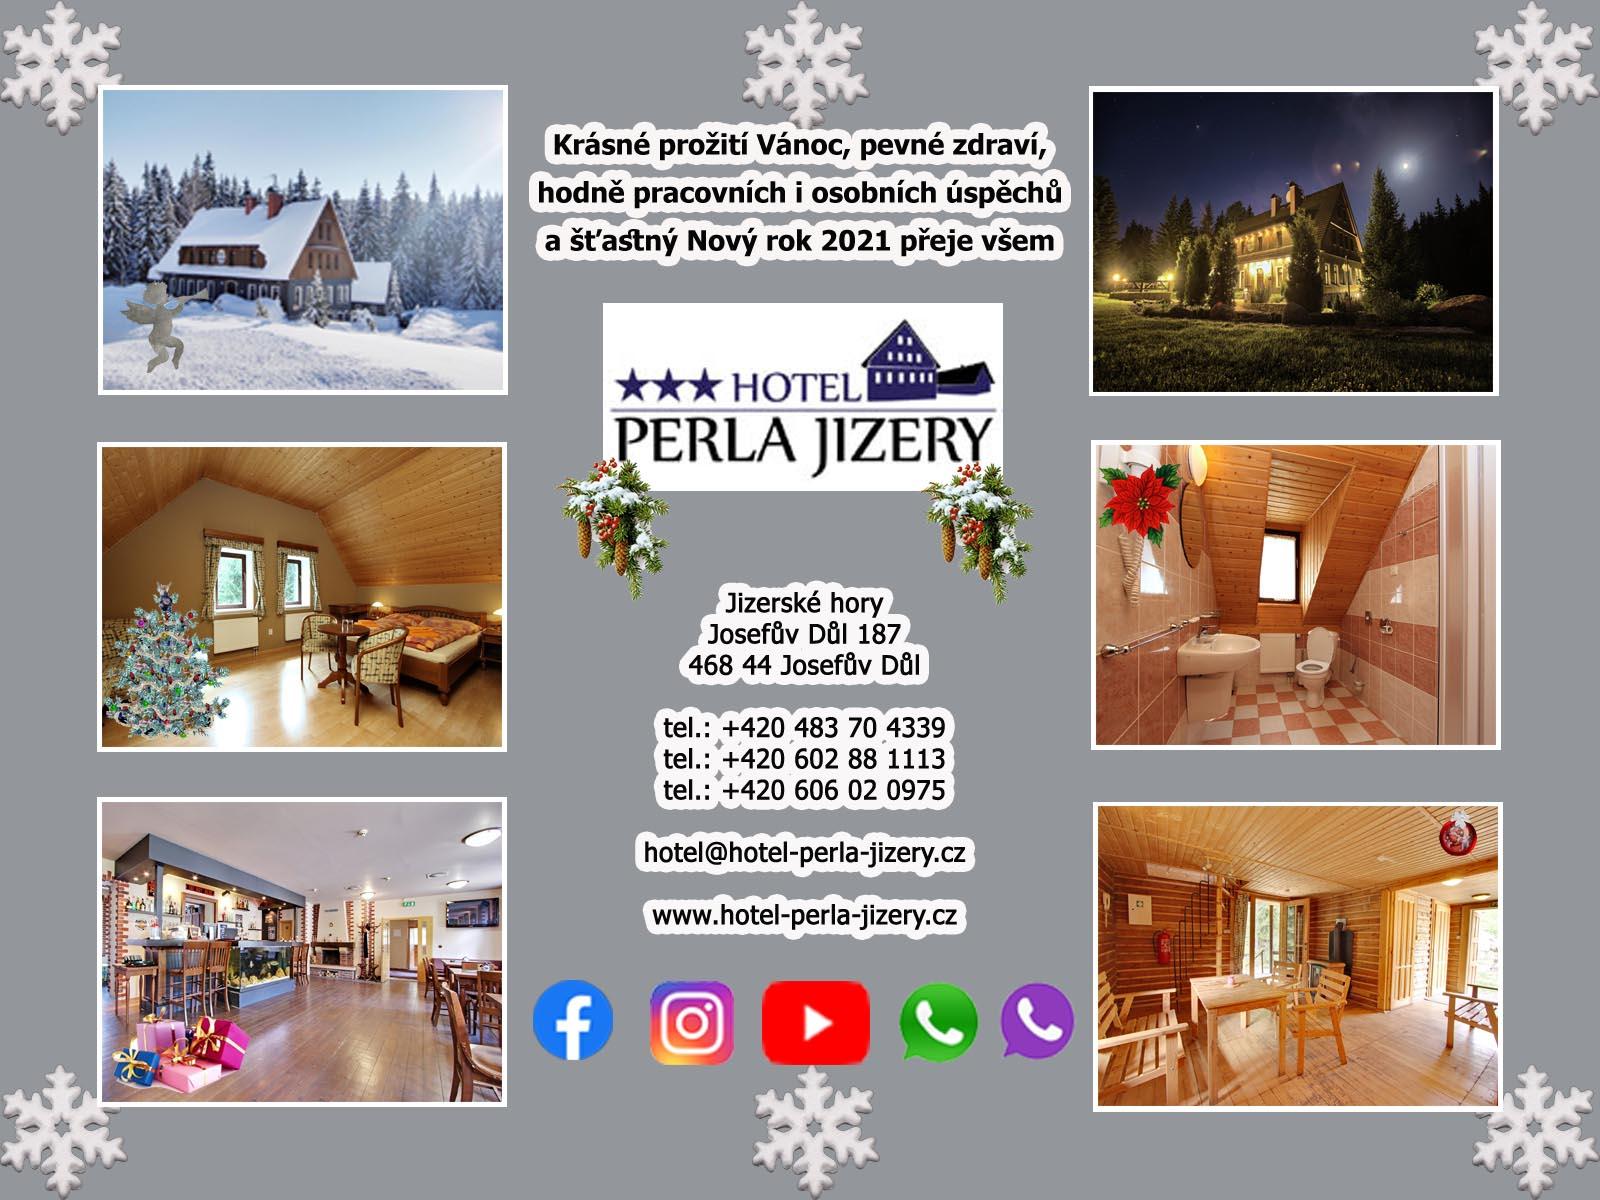 Hotel Perla Jizery - Vánoční a Novoroční přání